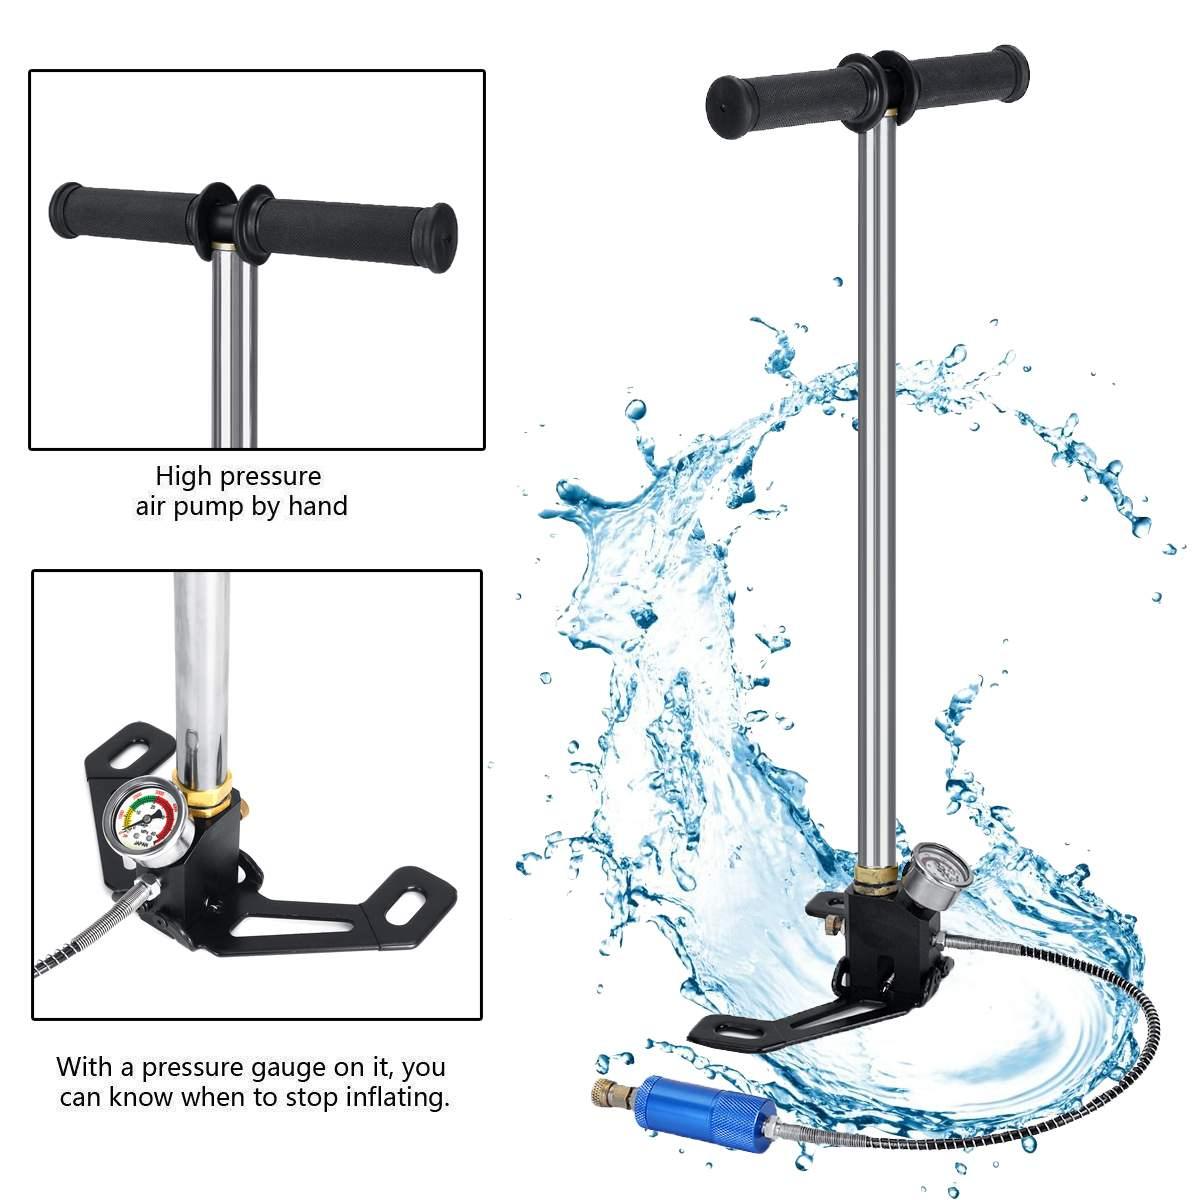 Mini pompe manuelle d'équipement de plongée pour 0.5L Mini réservoir d'air d'oxygène de plongée pour des accessoires de respiration sous-marine de rechange